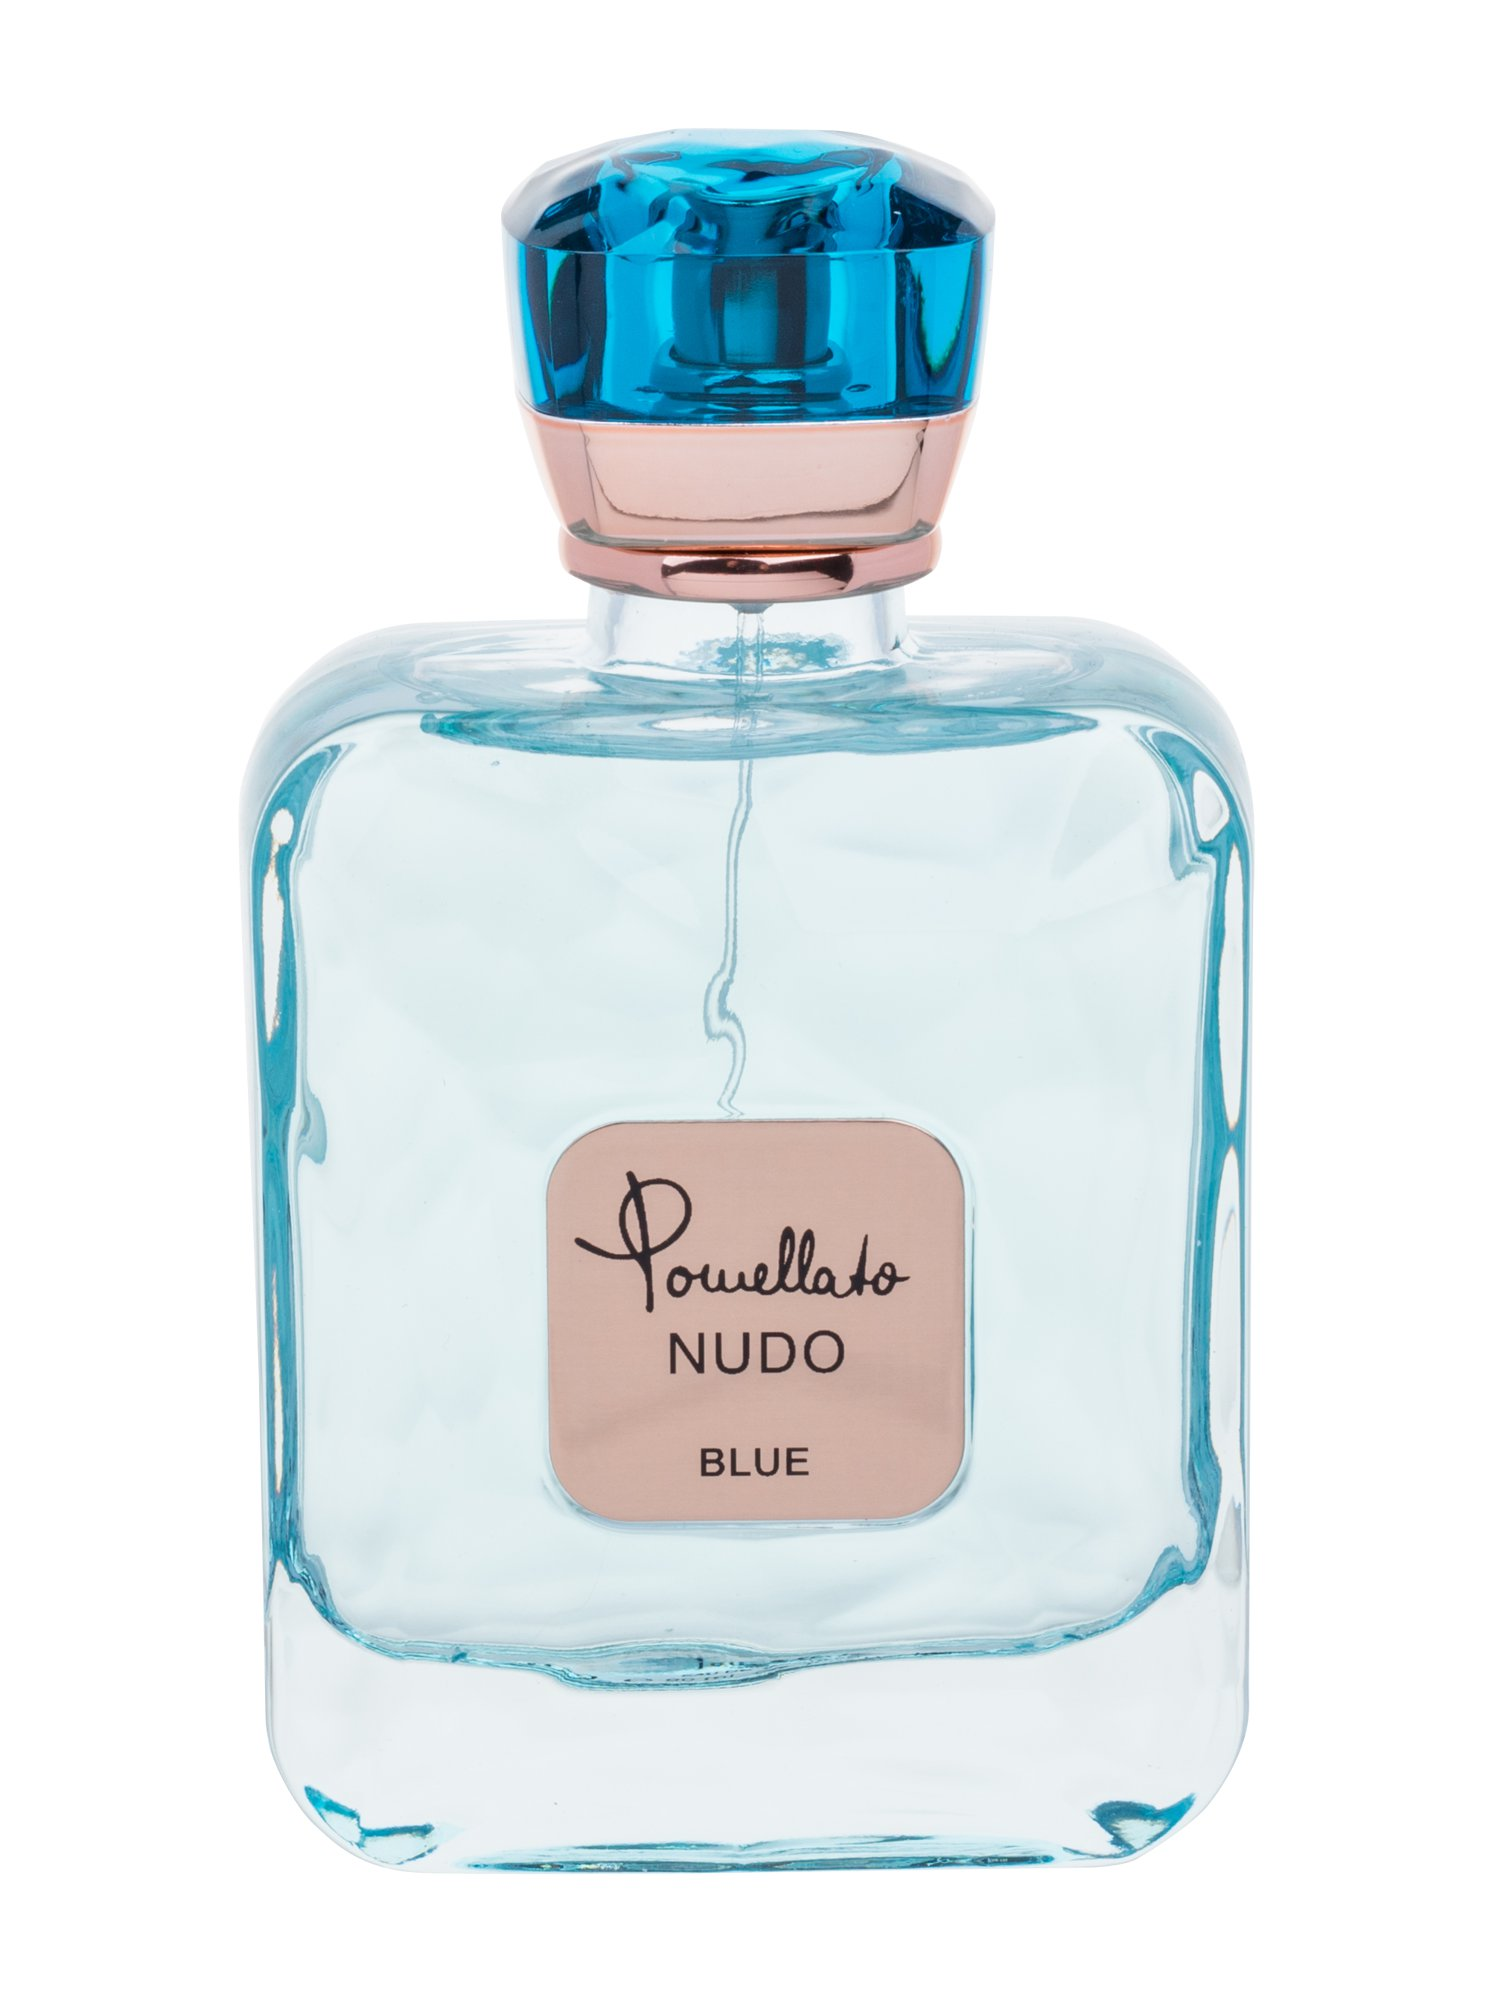 Pomellato Nudo Blue, Parfumovaná voda 90ml